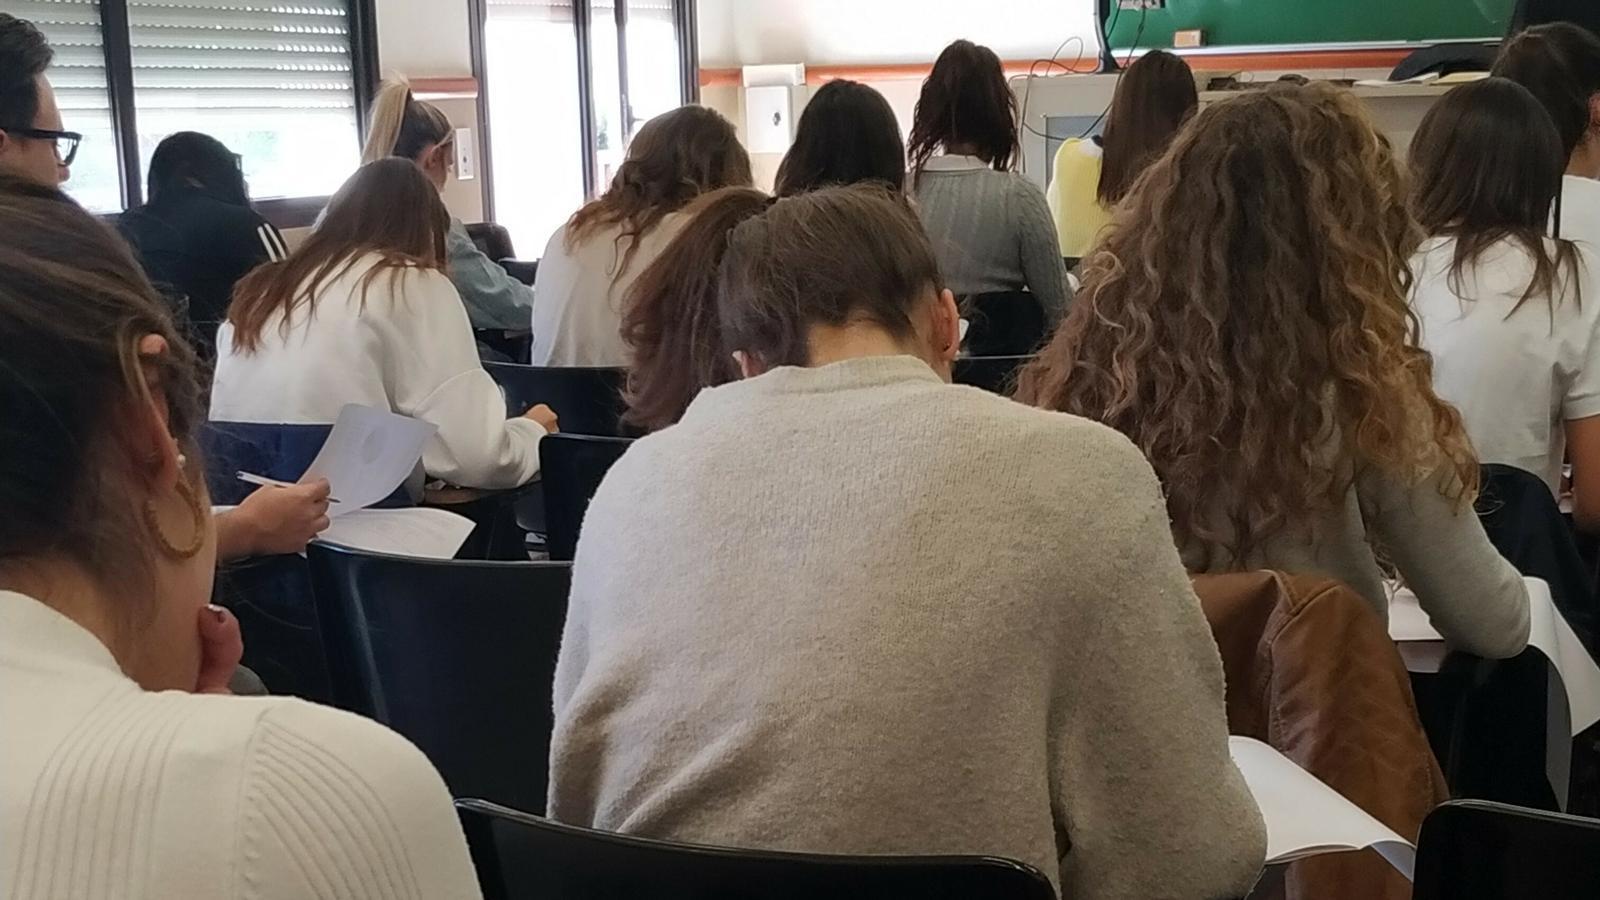 Pla general dels estudiants en mig de la PAP al campus de la UB a Mundet